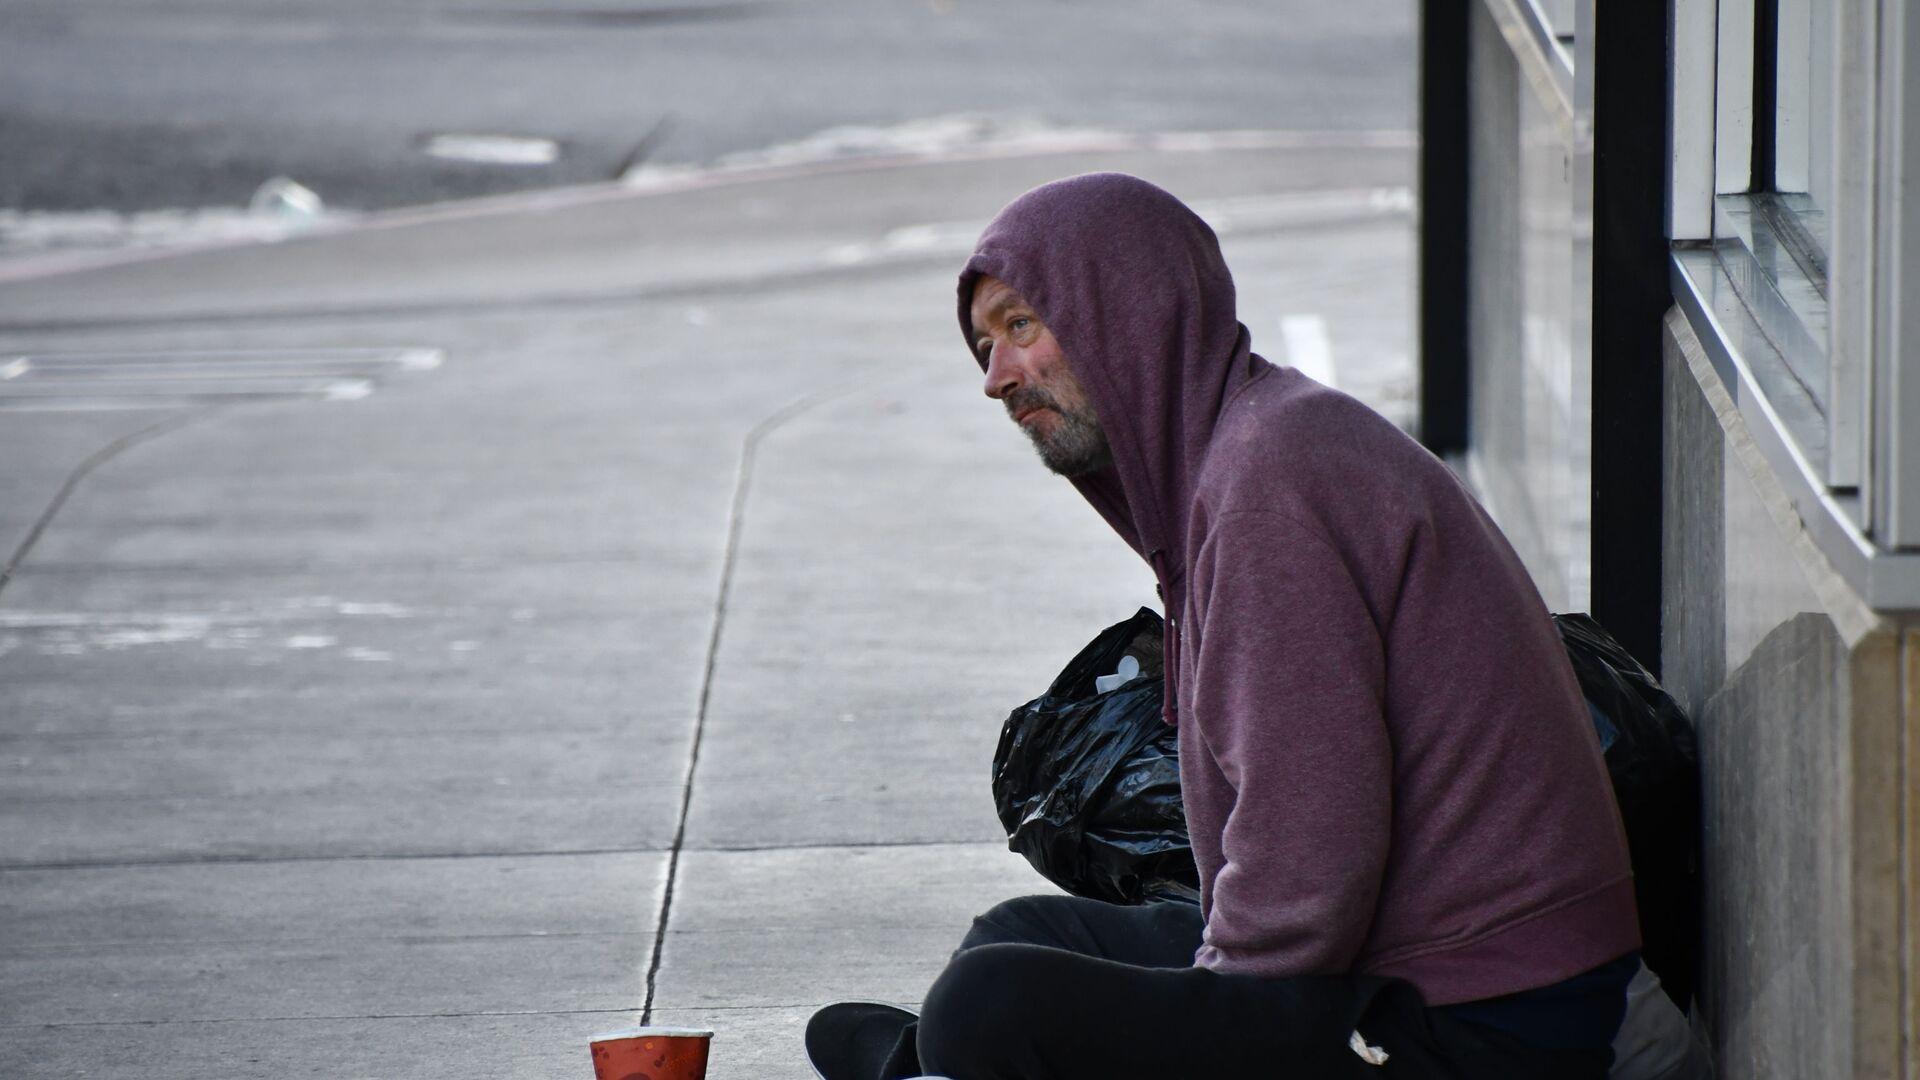 Бездомный на улице  - Sputnik Латвия, 1920, 14.07.2021